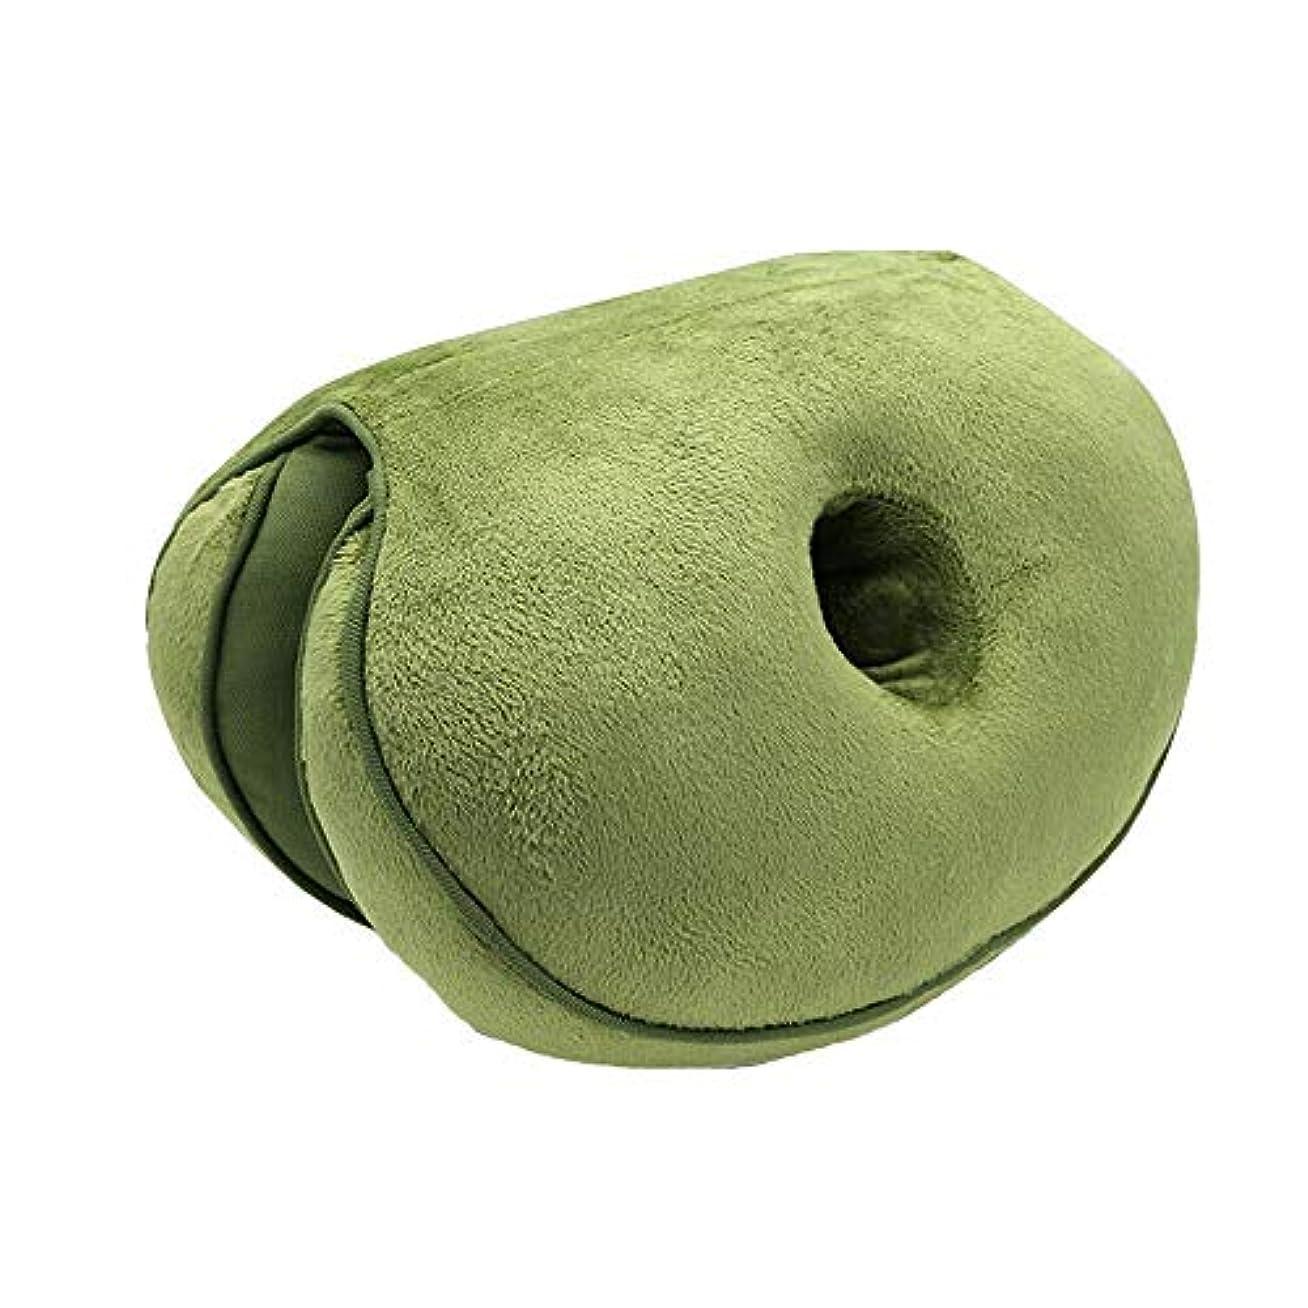 突進愚かヨーロッパLIFE 新デュアルシートクッション低反発ラテックスオフィスチェアバックシートクッション快適な臀部マットパッド枕旅行枕女性女の子 クッション 椅子